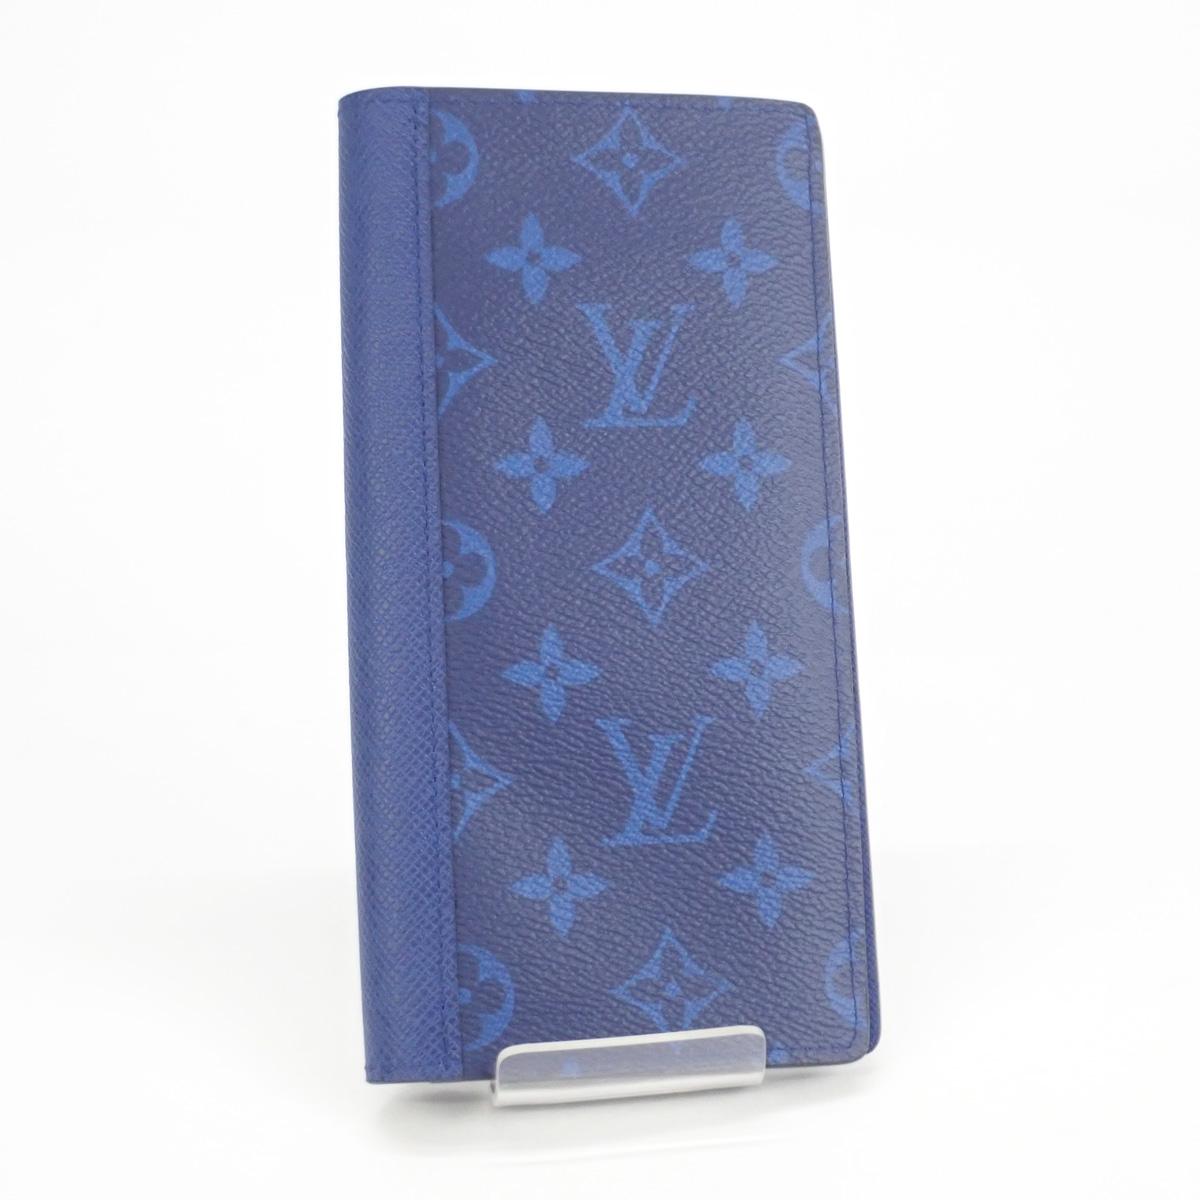 【辛口評価】【SAランク】LOUIS VUITTON ルイヴィトン タイガラマ ポルトフォイユ・ブラザ 二つ折り 長財布 M30297 コバルト